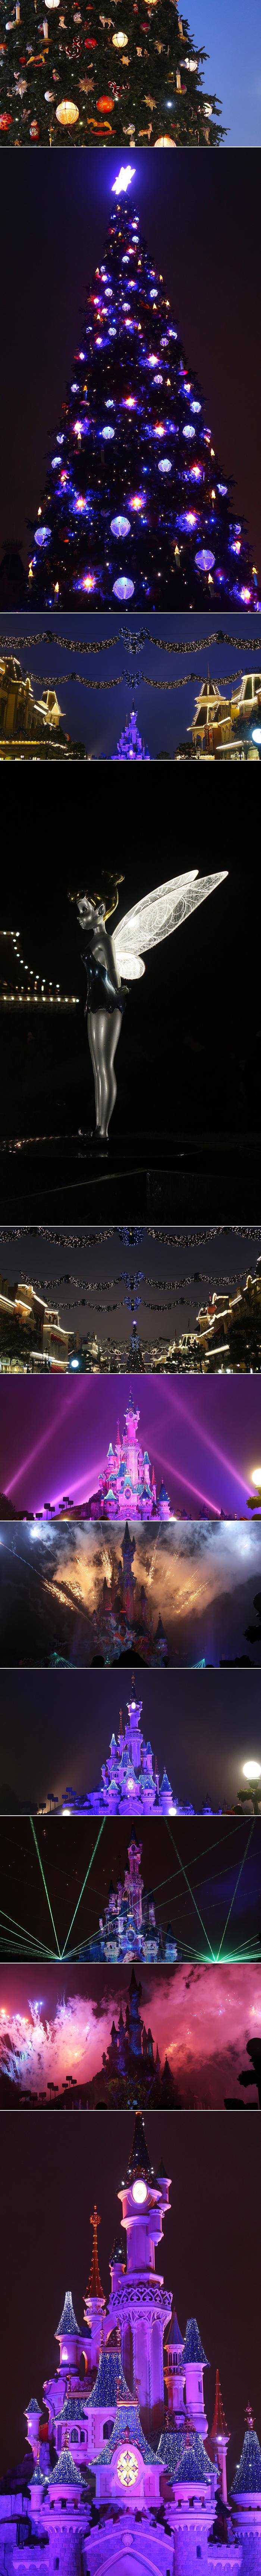 disney-noel-christmas-3